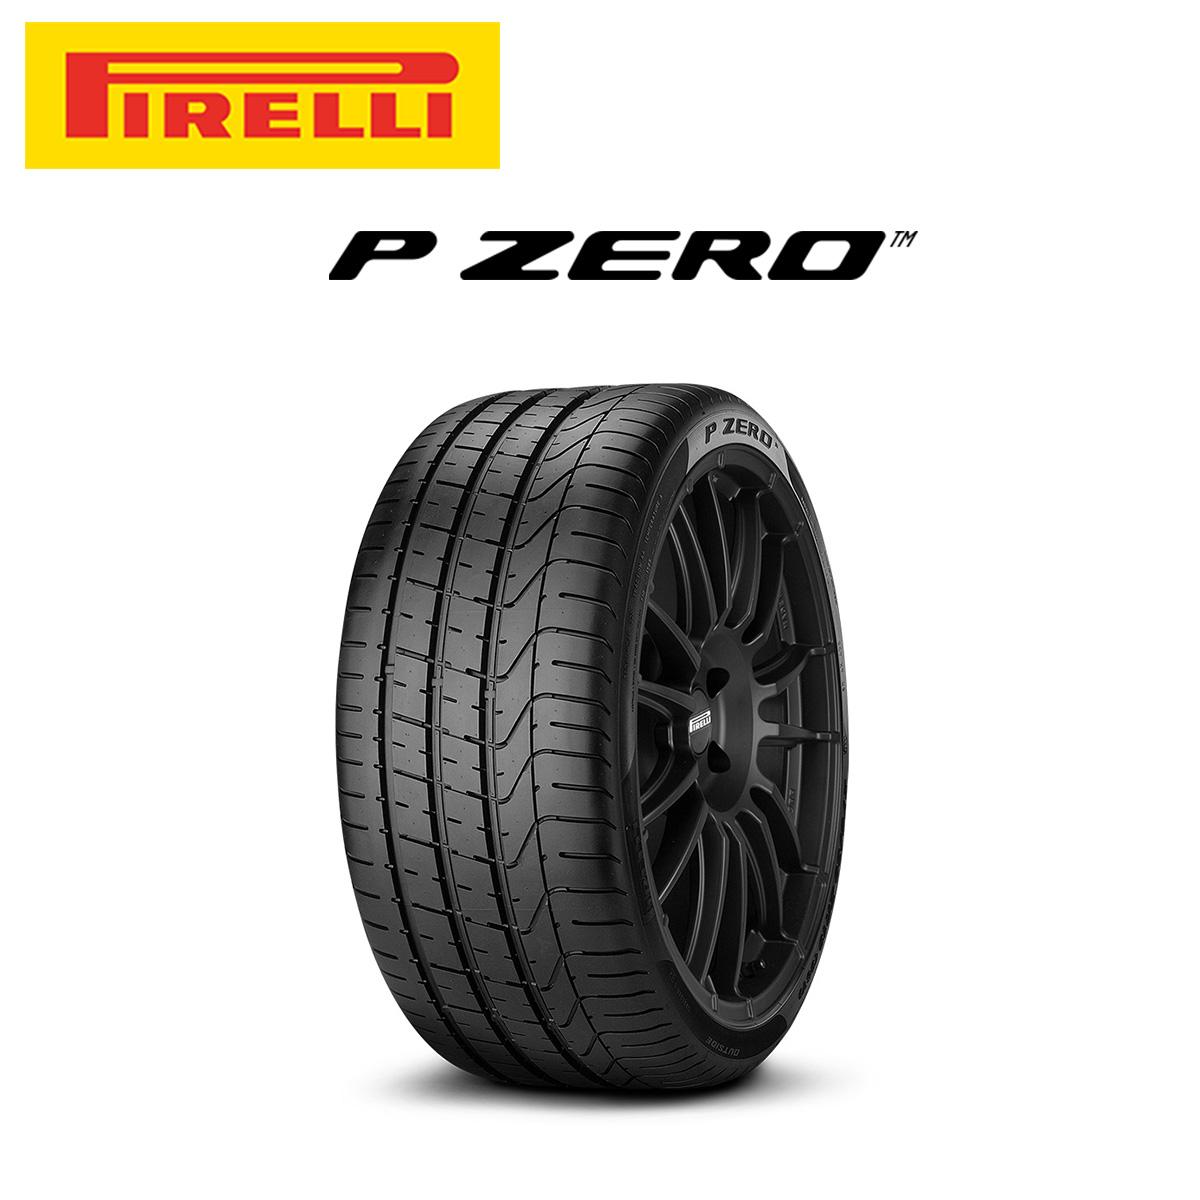 ピレリ PIRELLI P ZERO ピーゼロ 19インチ サマー タイヤ 1本 225/35R19 88Y 2615100